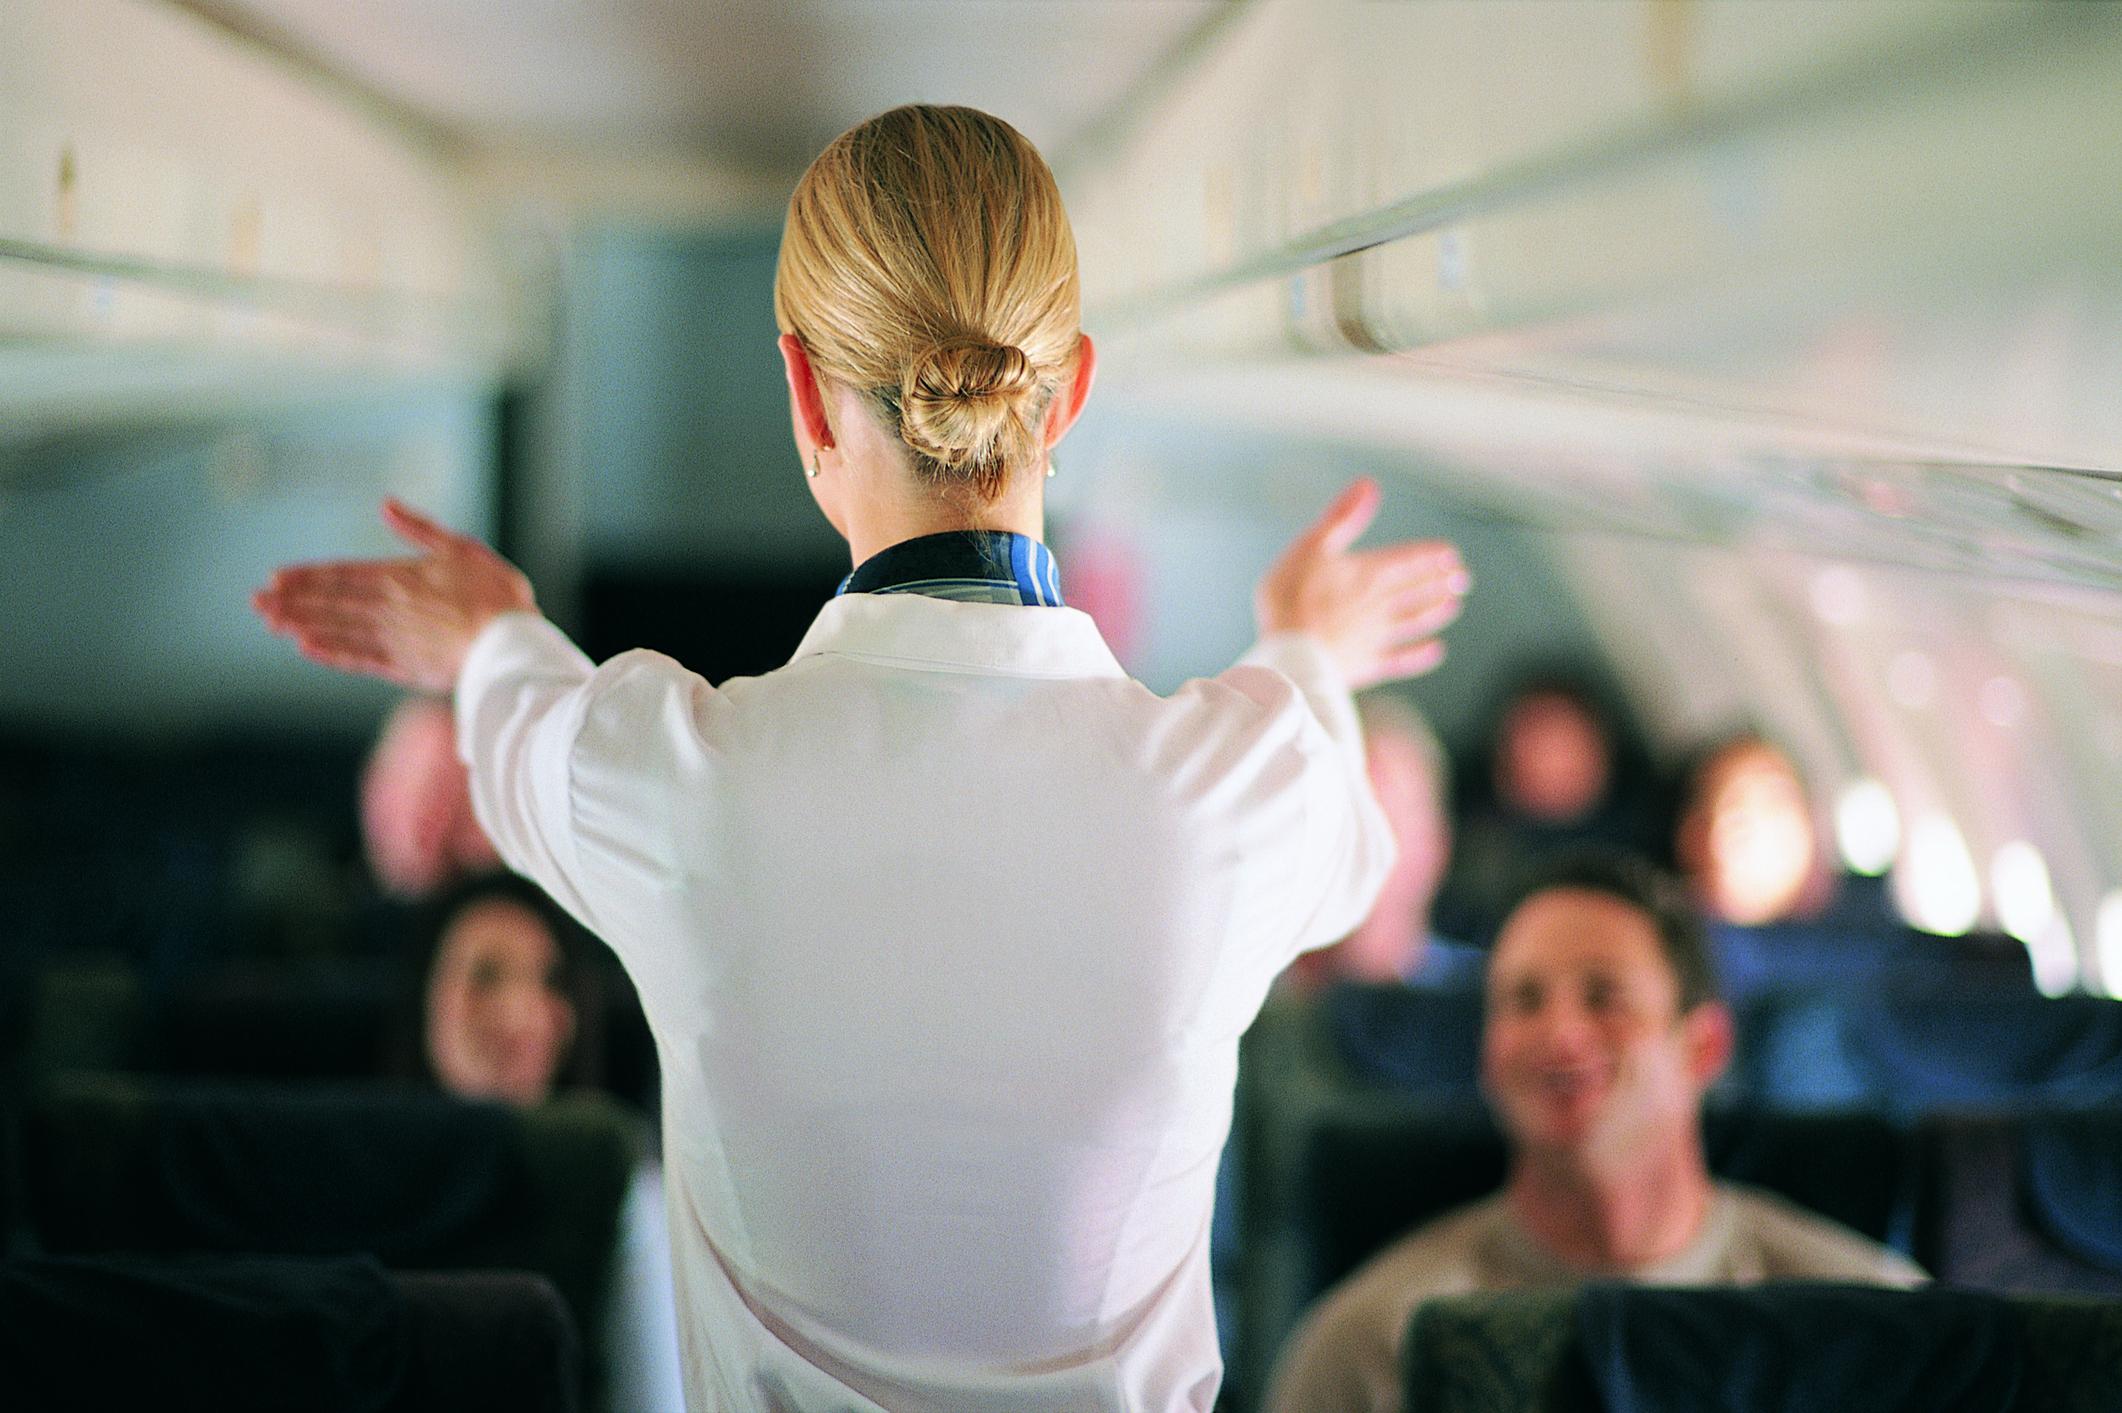 Flight attendant on board a plane